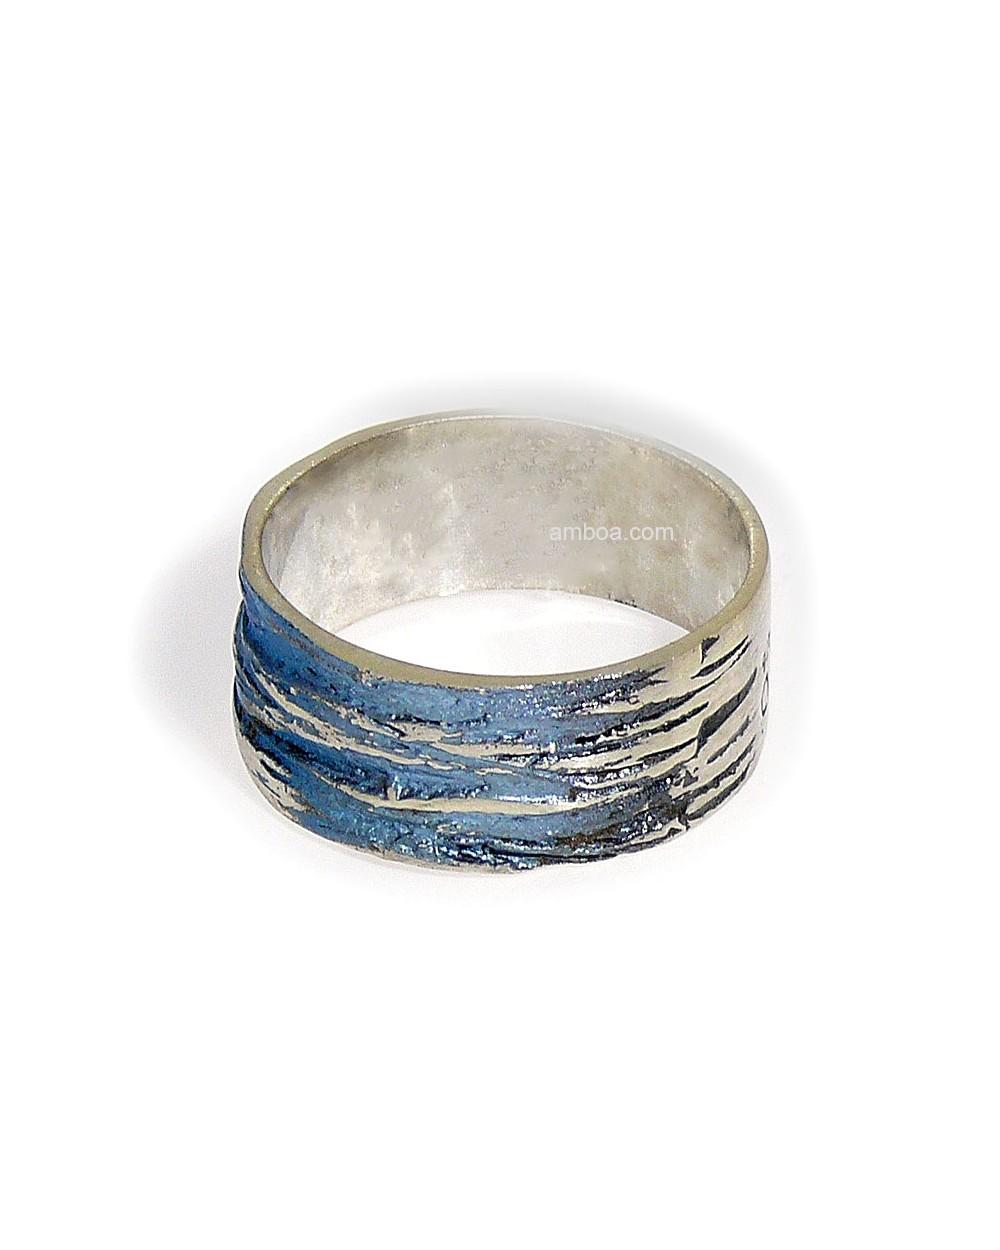 Anillo bosque orfega plata simeltech azul